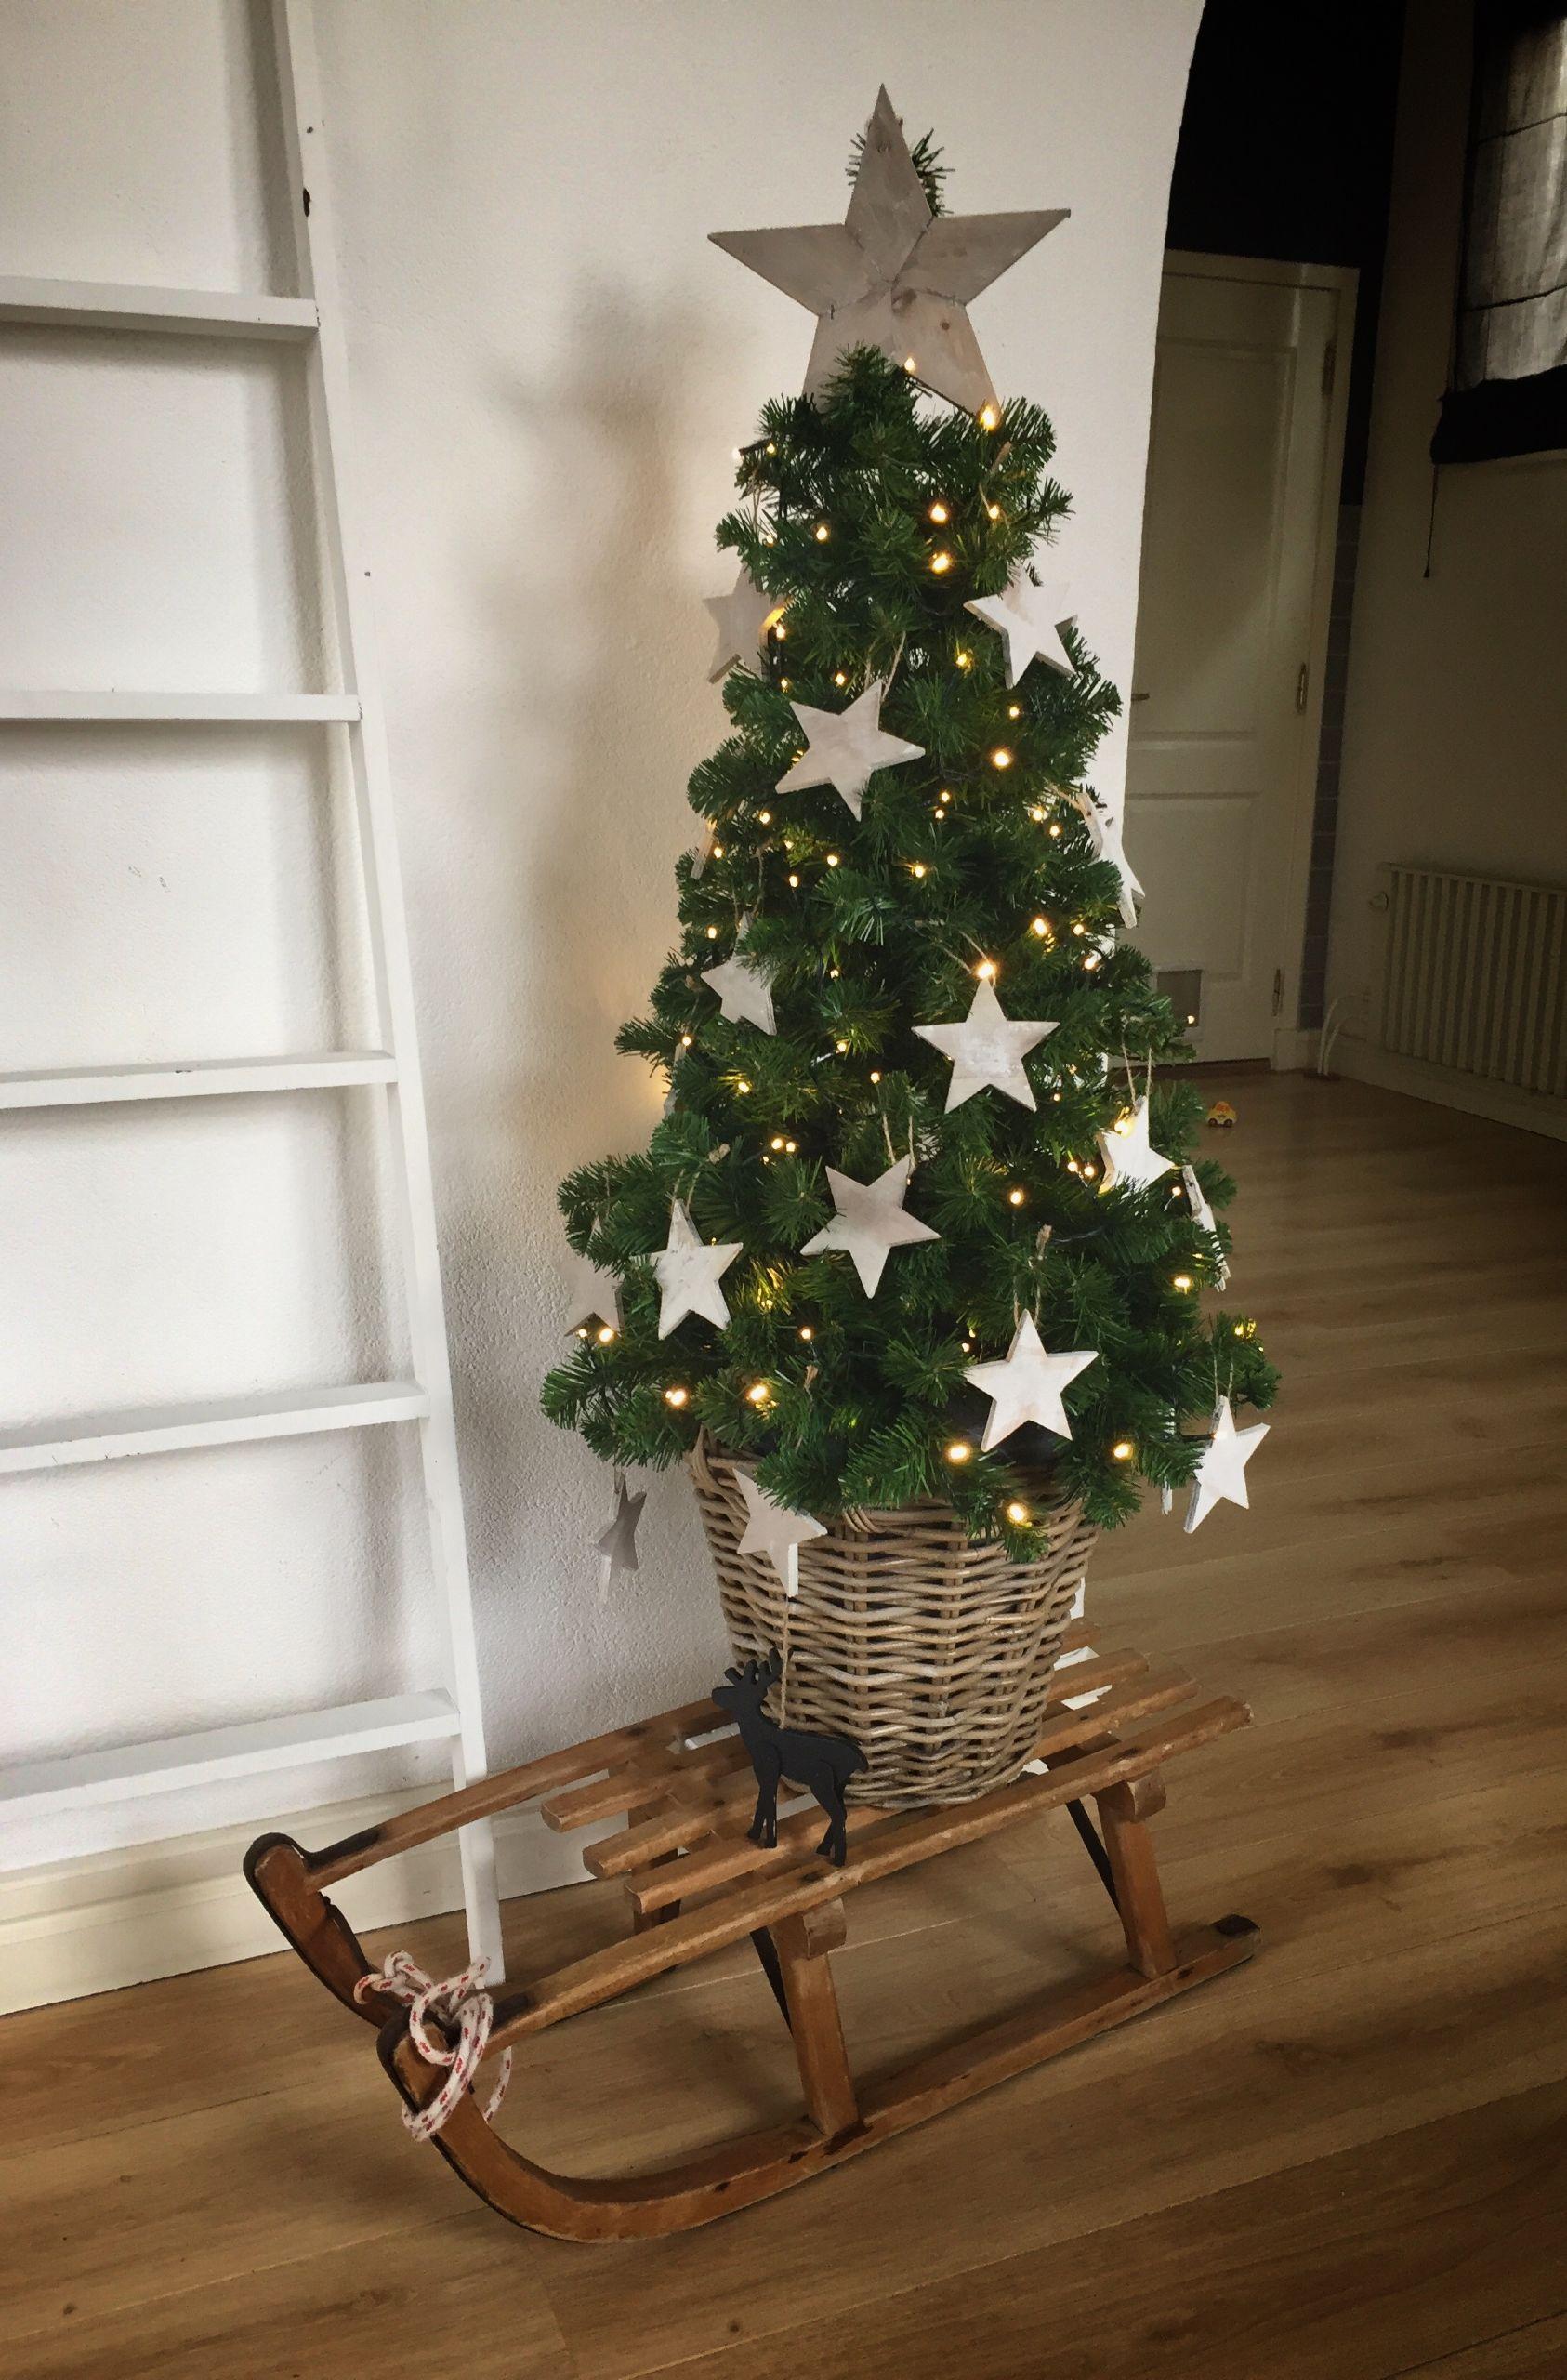 Kerstboom Op Slee Landelijk Landelijke Kerstbomen Kerstboom Ideeen Kerstdecoratie